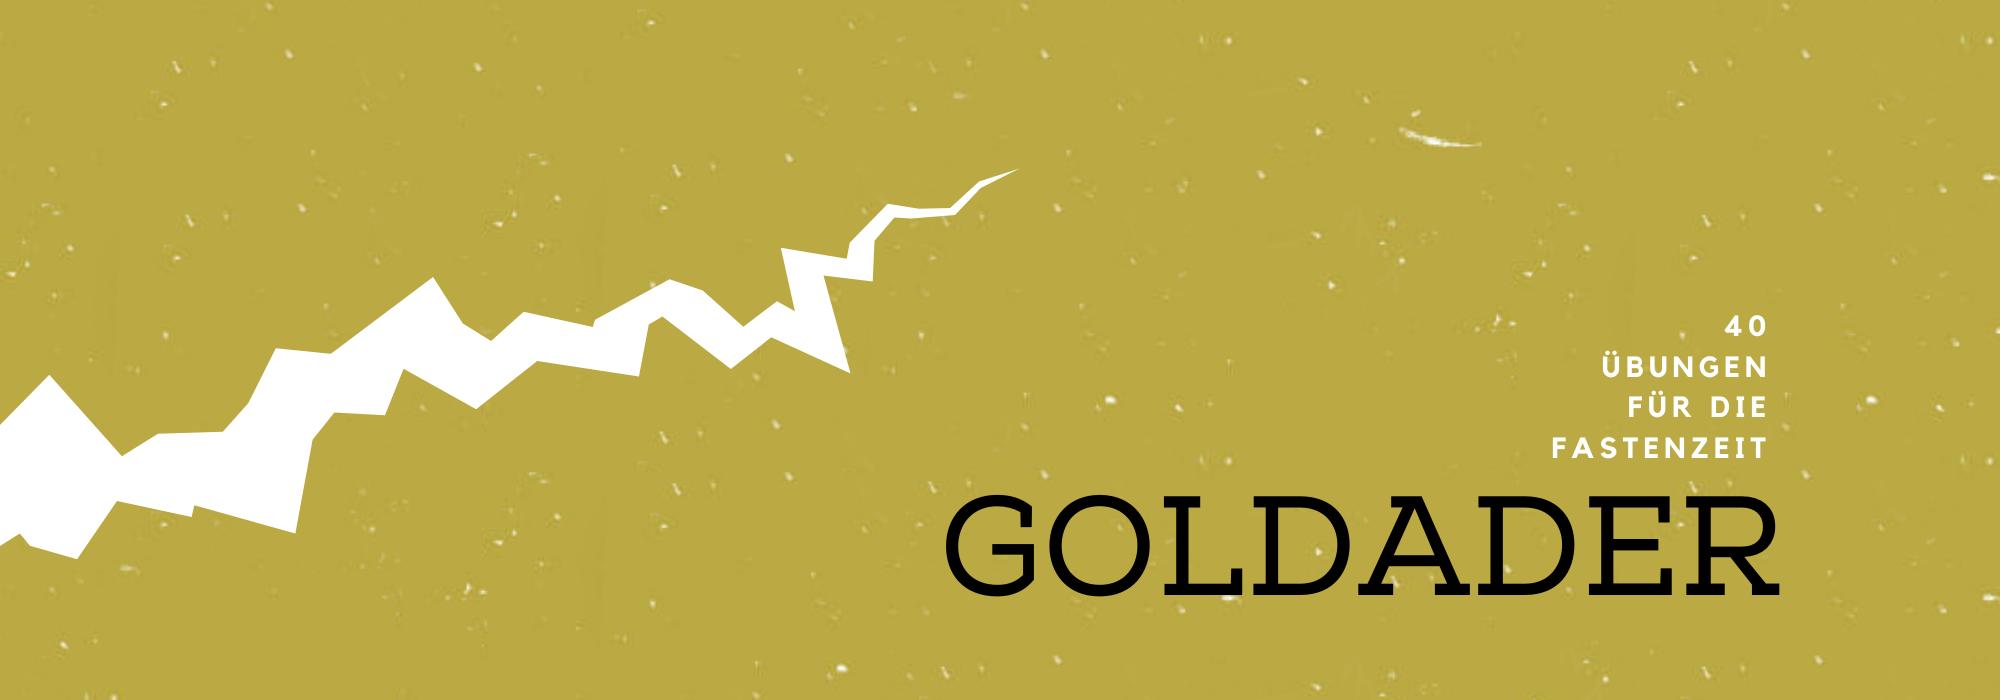 Kopie von Kopie von goldader wortbild - goldader: 40 Übungen für die Fastenzeit